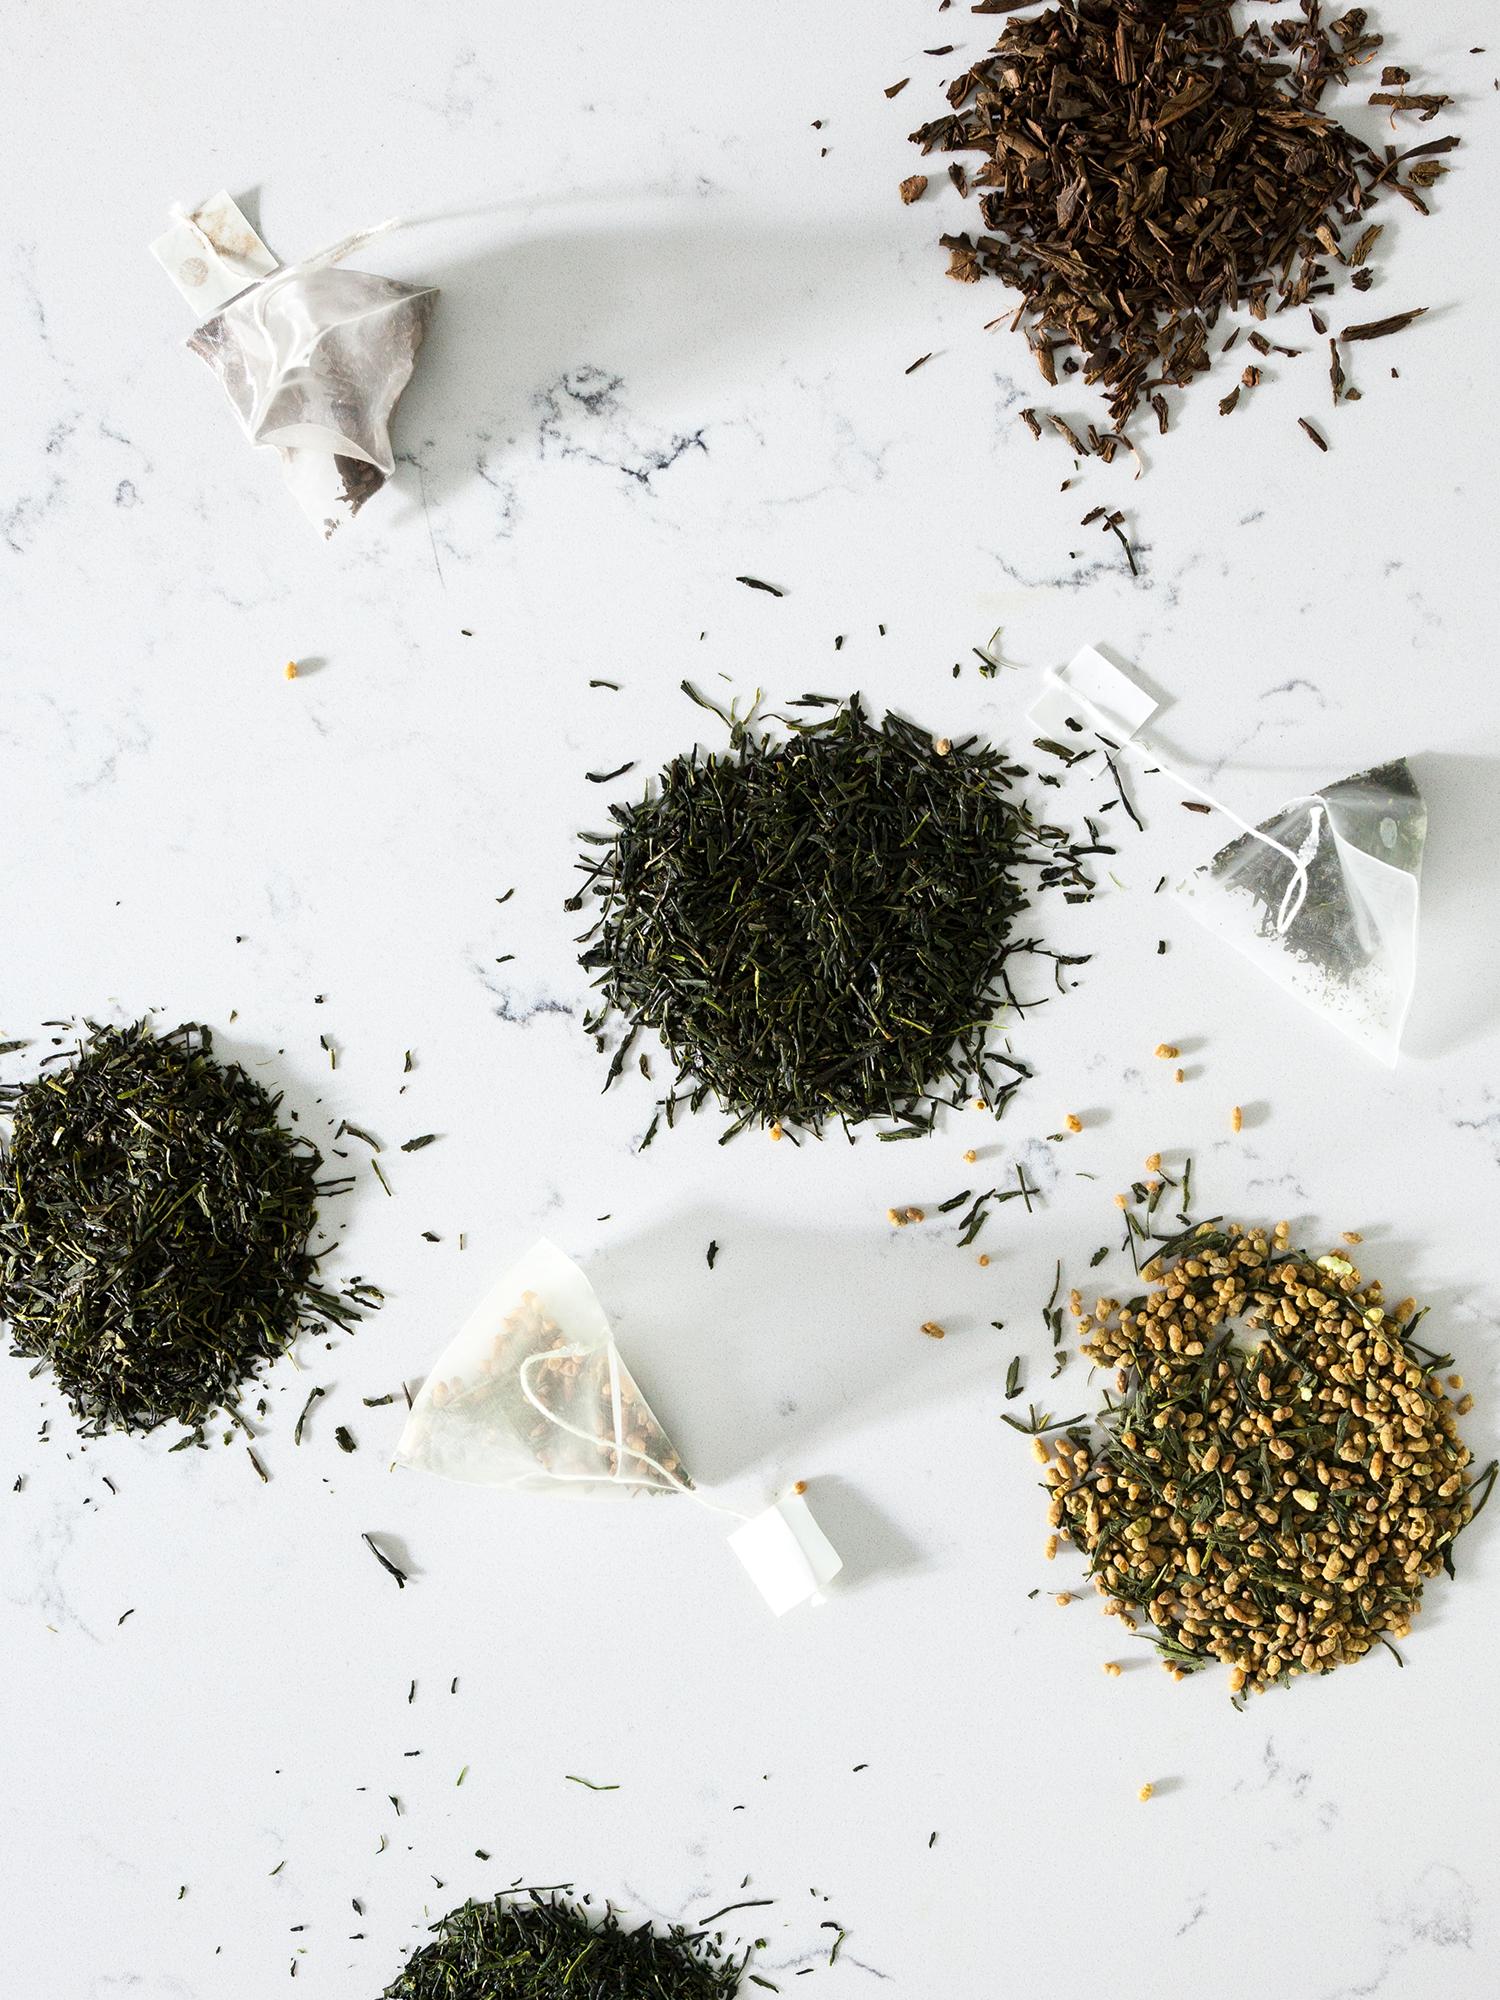 Our_Goods_Tea-2.jpg